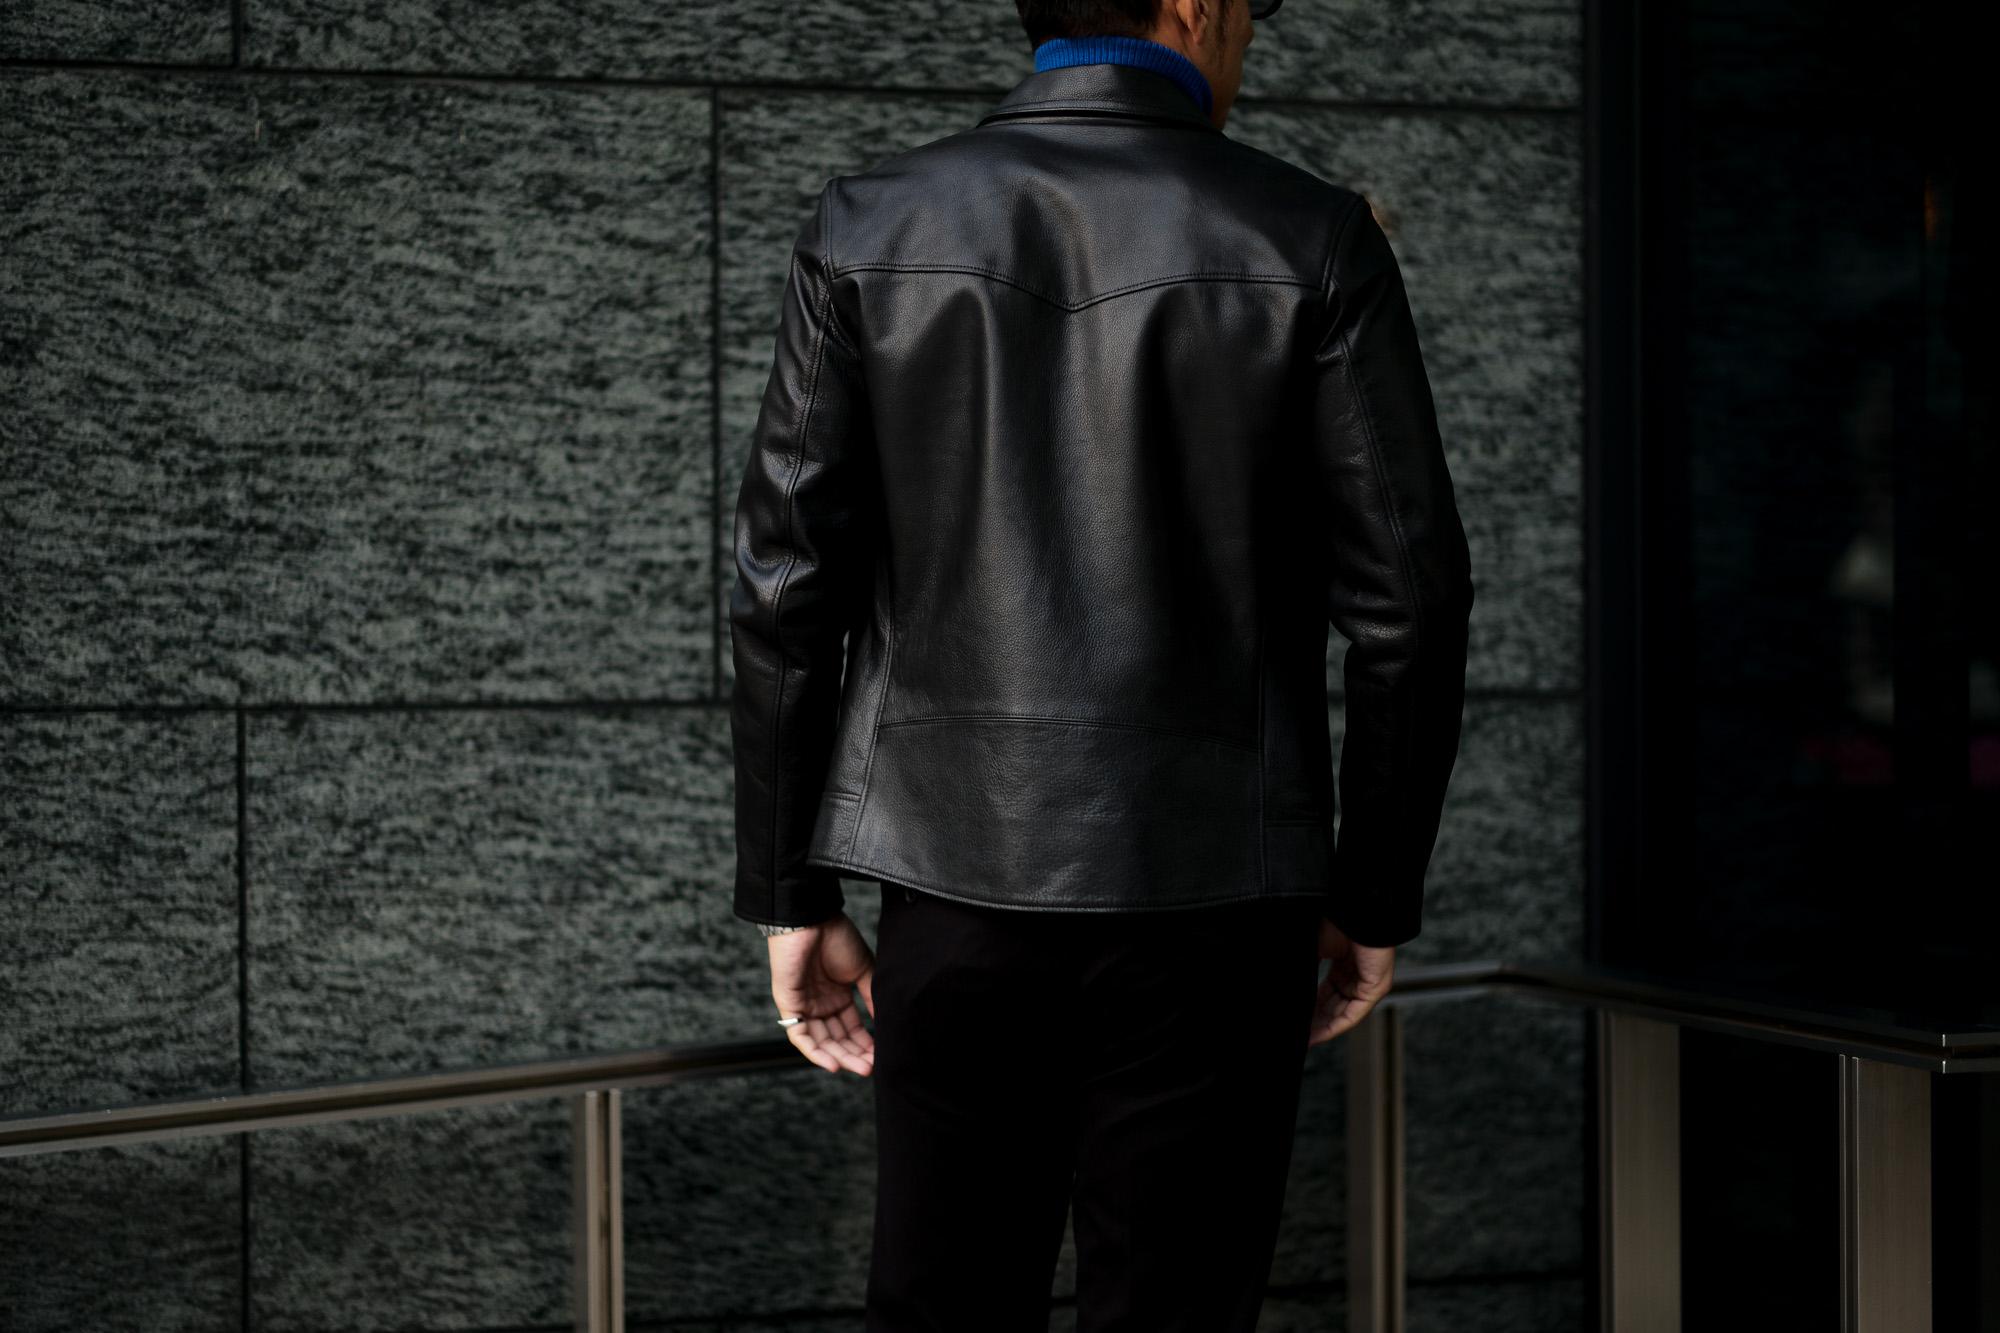 cuervo bopoha (クエルボ ヴァローナ) Satisfaction Leather Collection (サティスファクション レザー コレクション) TOM (トム) BUFFALO LEATHER (バッファロー レザー) シングル ライダース ジャケット BLACK (ブラック) MADE IN JAPAN (日本製) 2020 秋冬新作 クエルボ レザージャケット 愛知 名古屋 alto e diritto アルトエデリット セレクトショップ